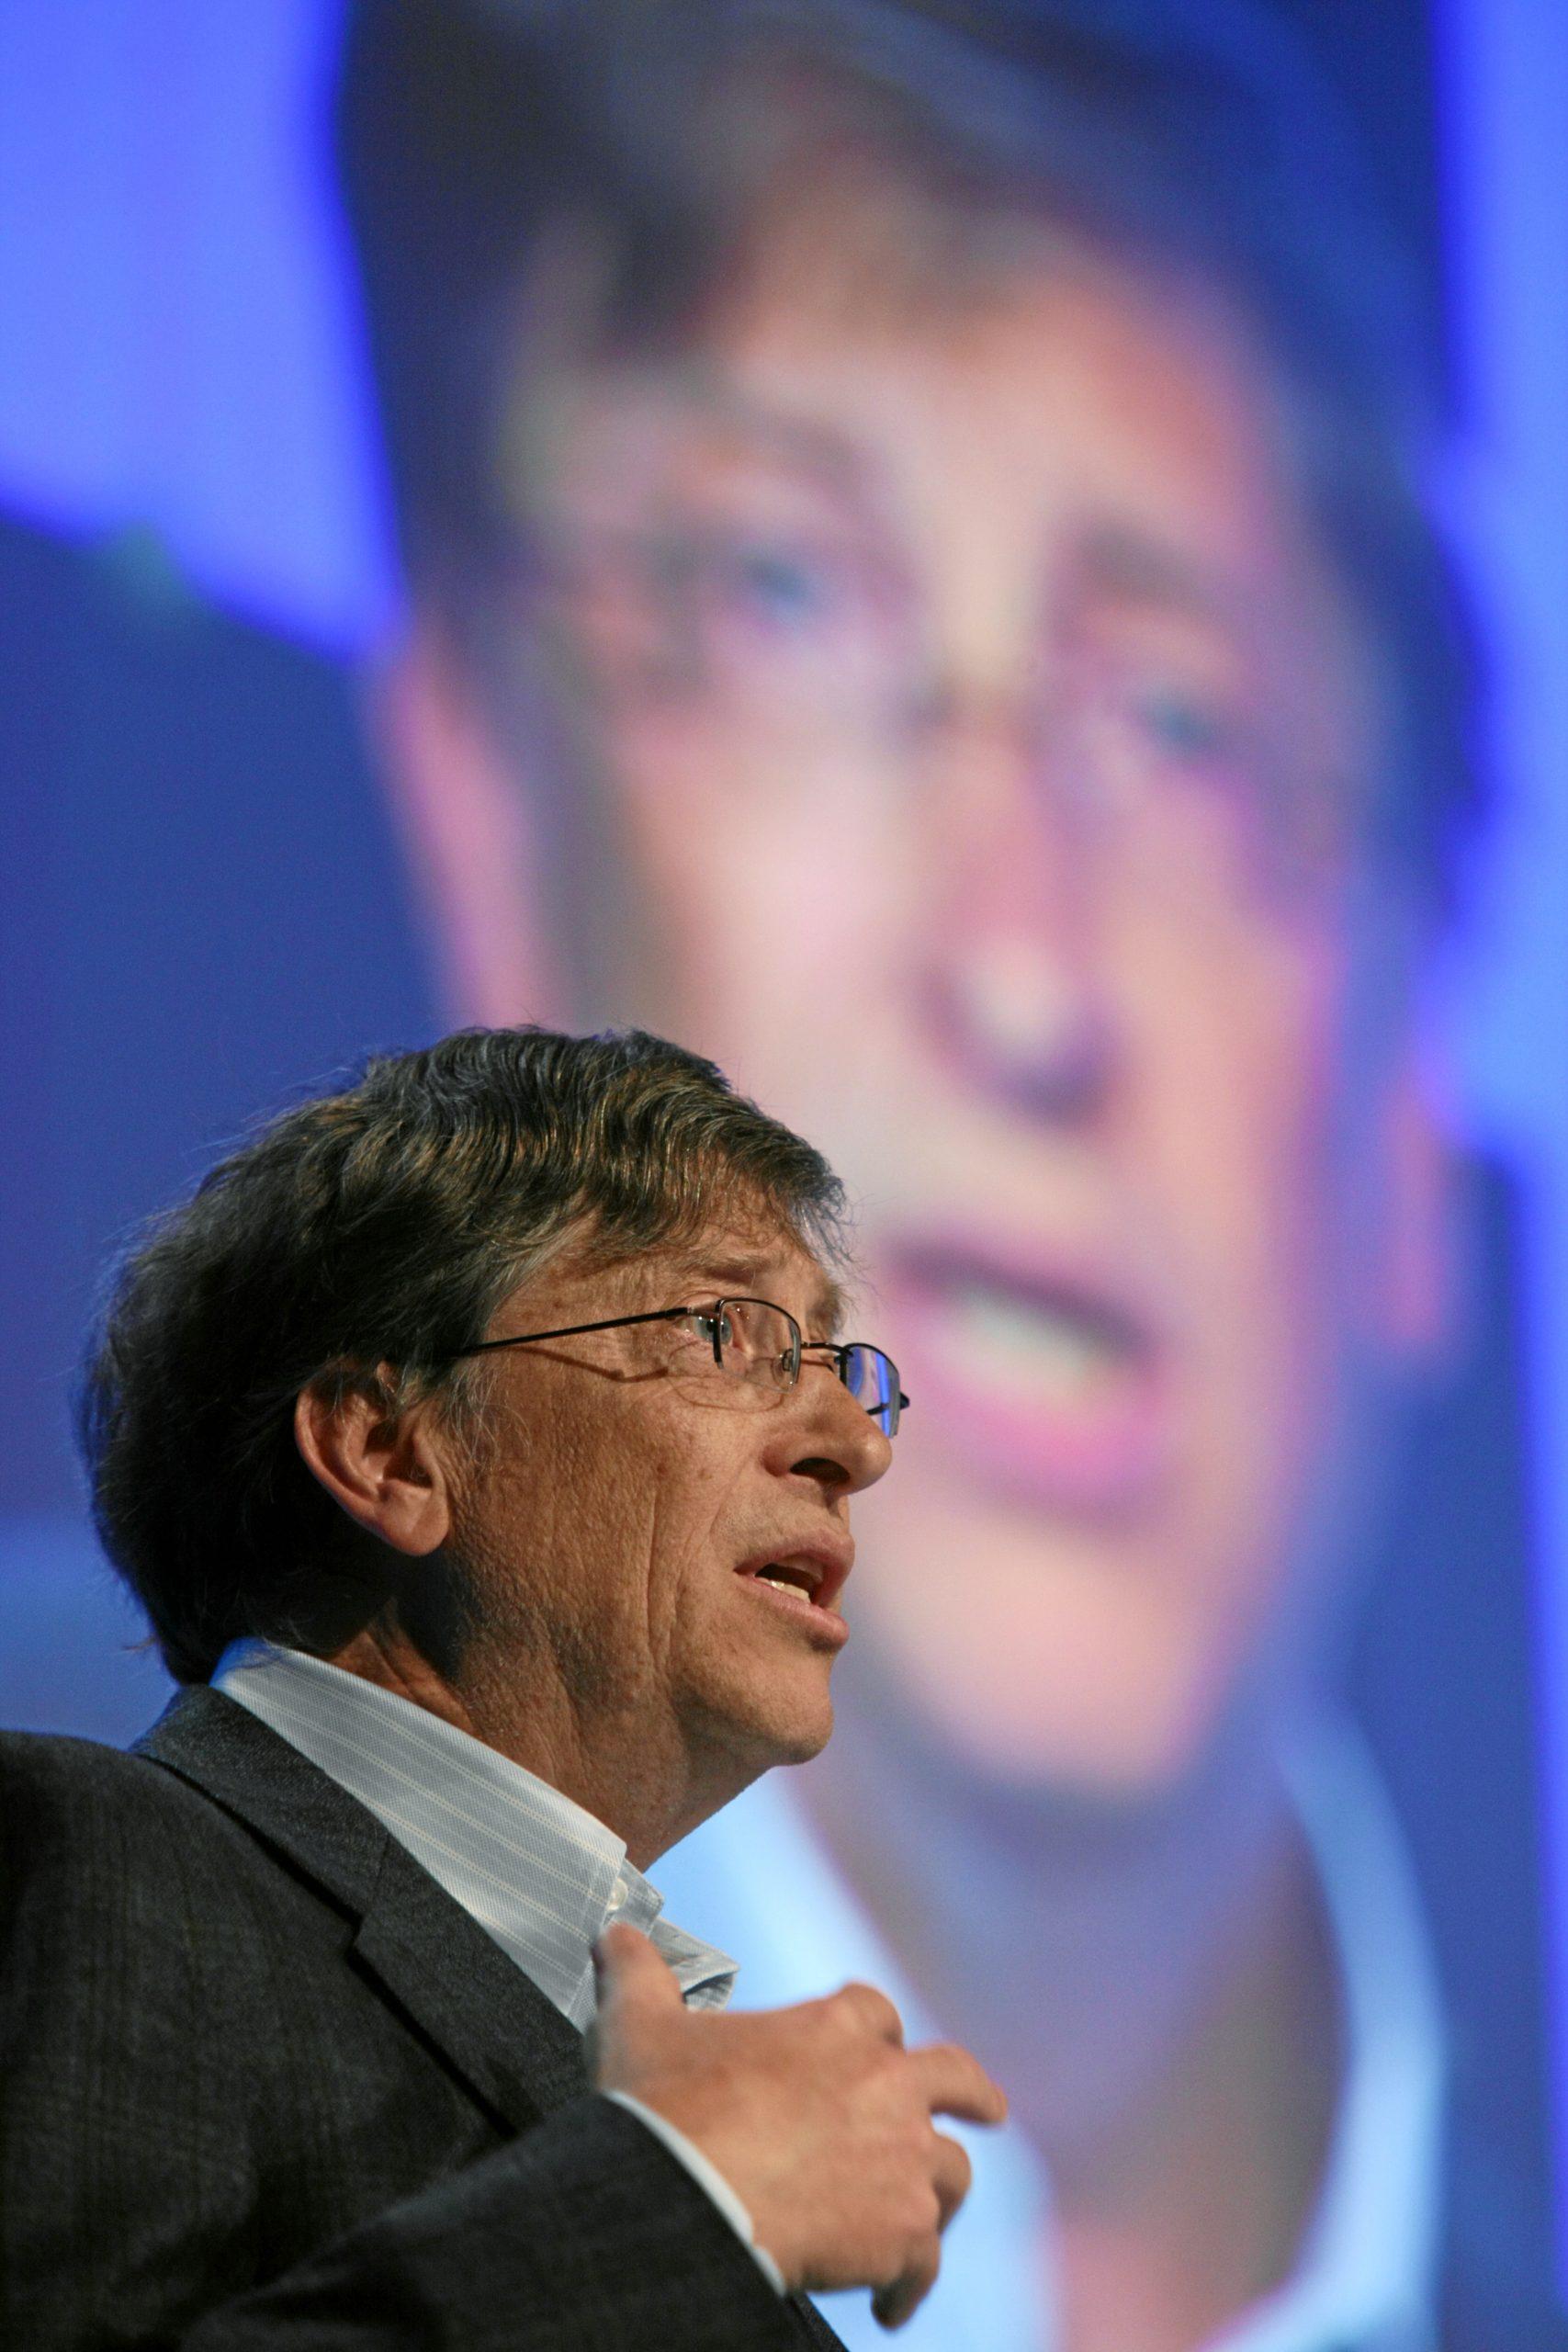 Fortune perdue : voici dix hommes qui ont perdu plus de 81 milliards cette année